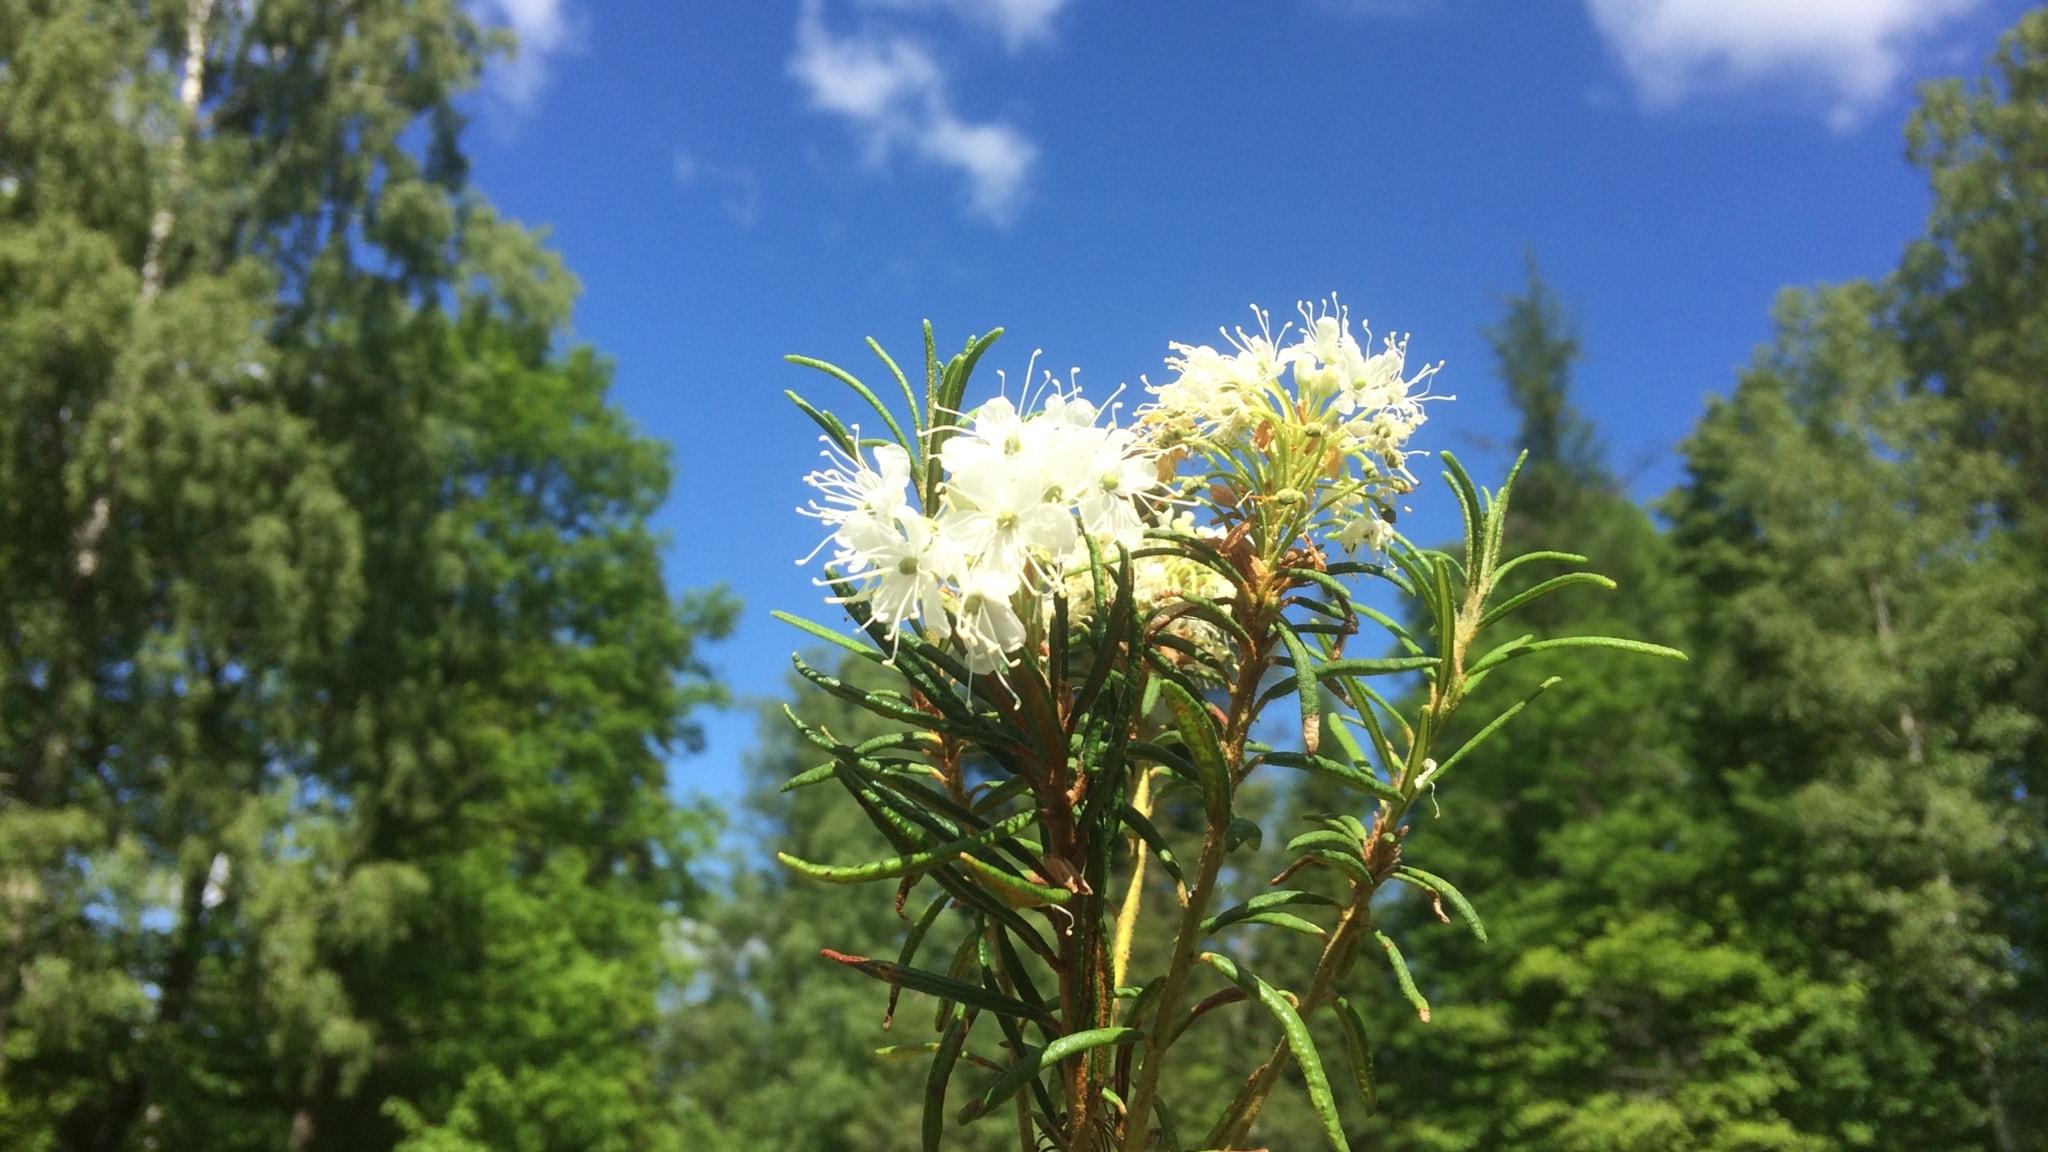 Berits blommor #6: Skvattram